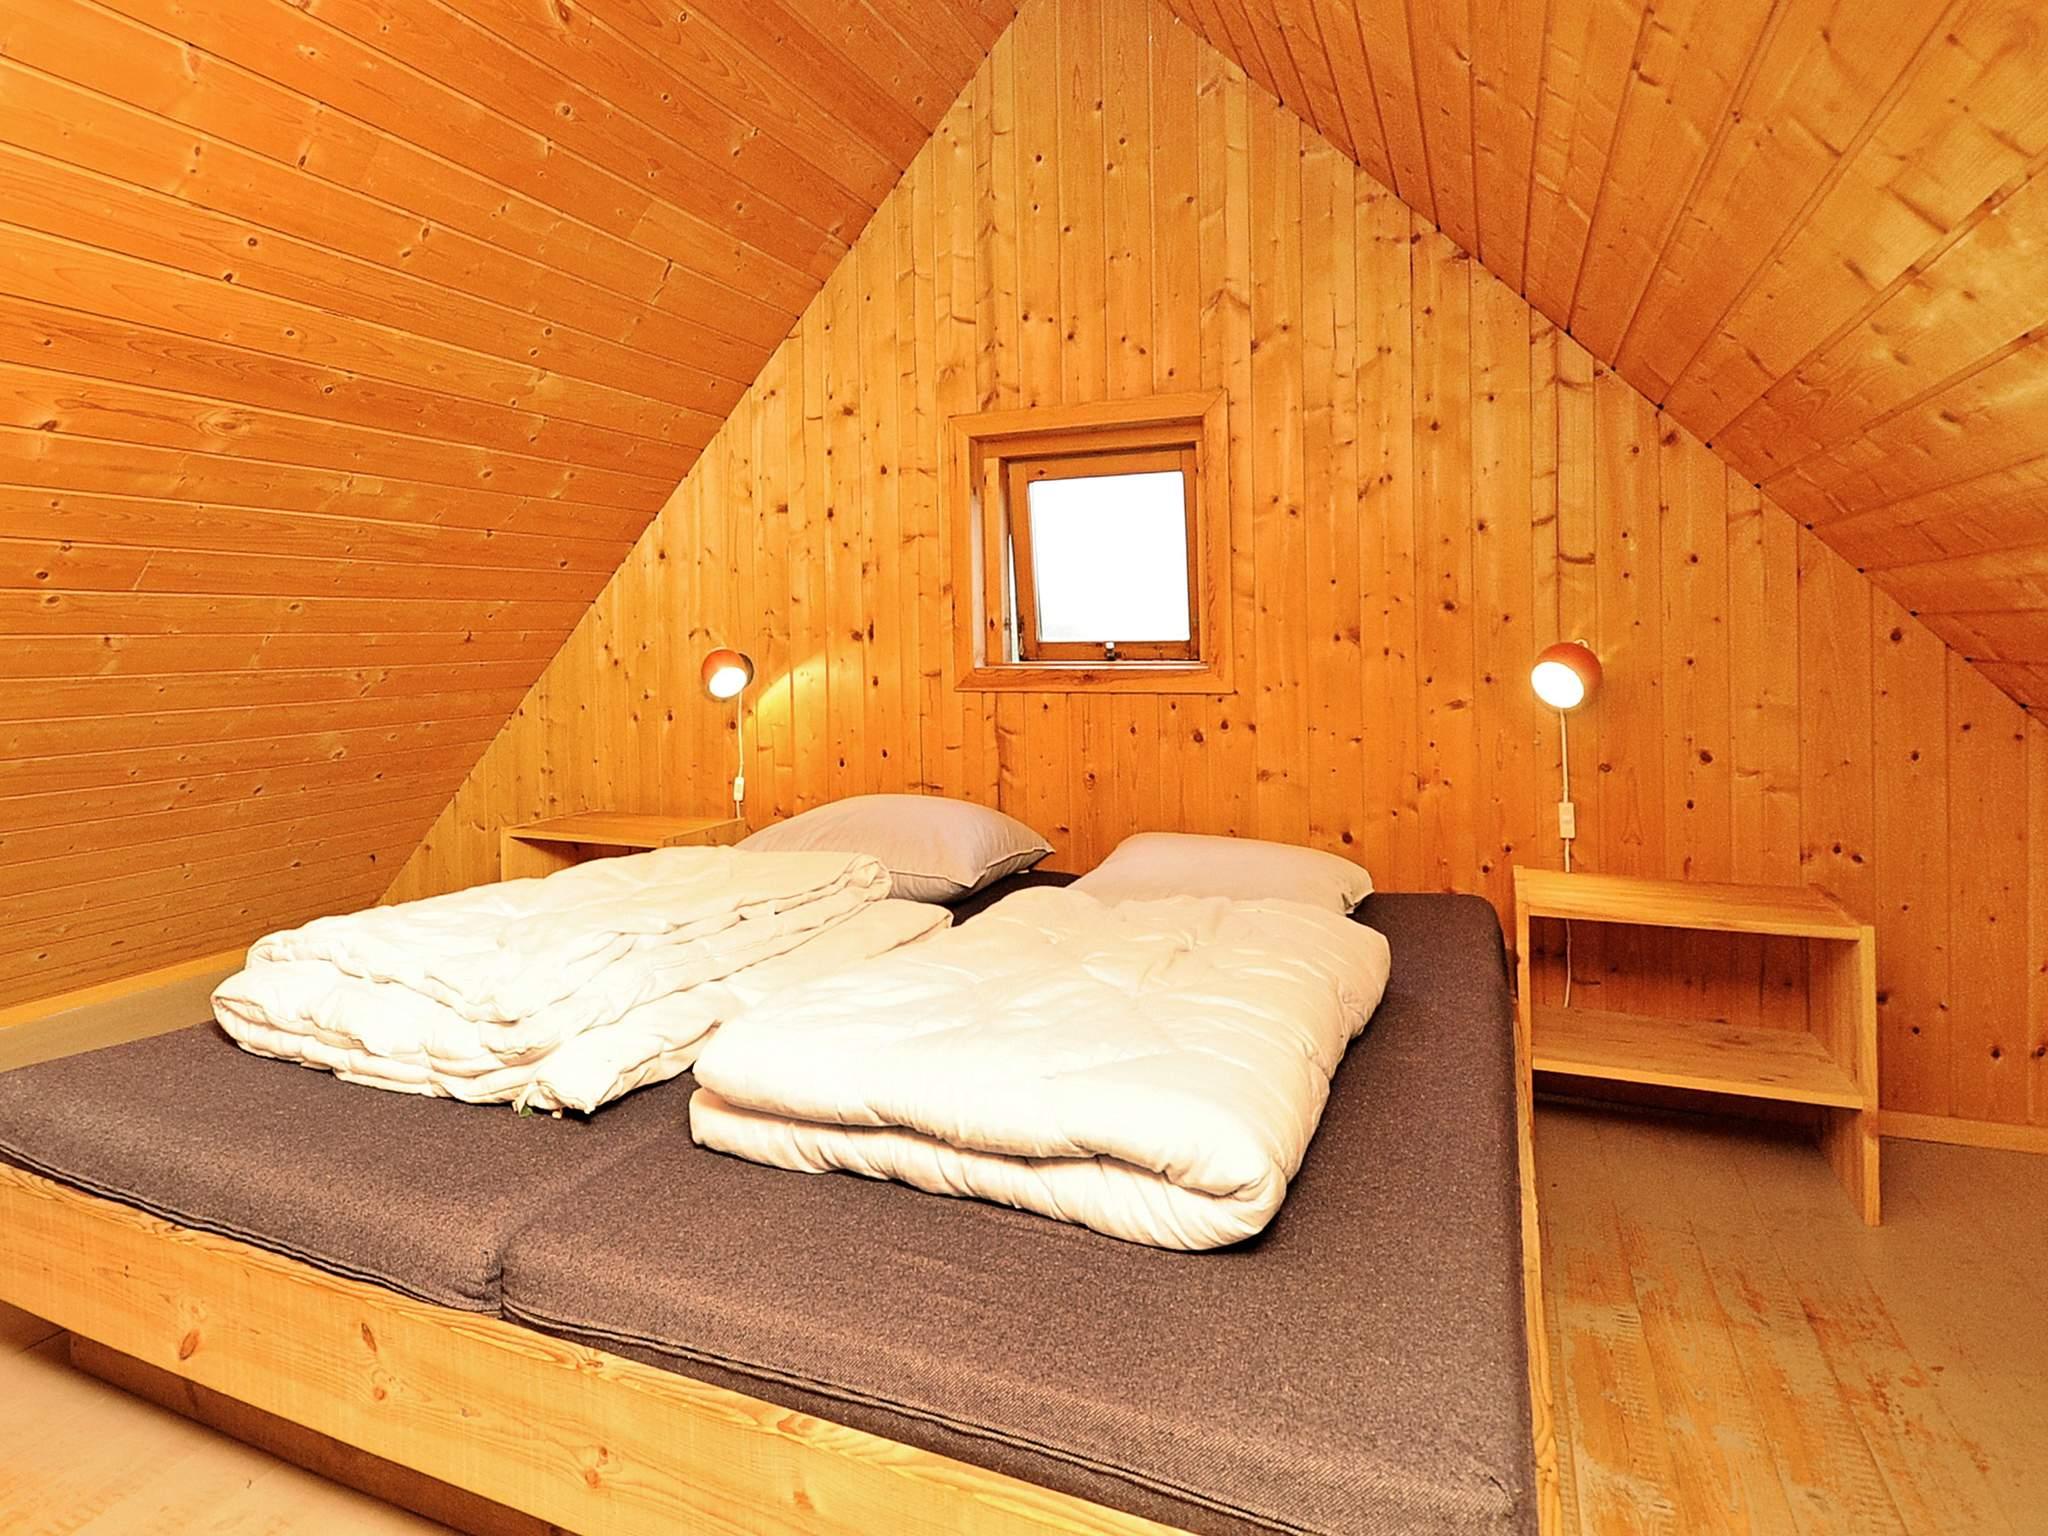 Ferienhaus Fjaltring Ferieby (88881), Fjaltring, , Limfjord, Dänemark, Bild 16